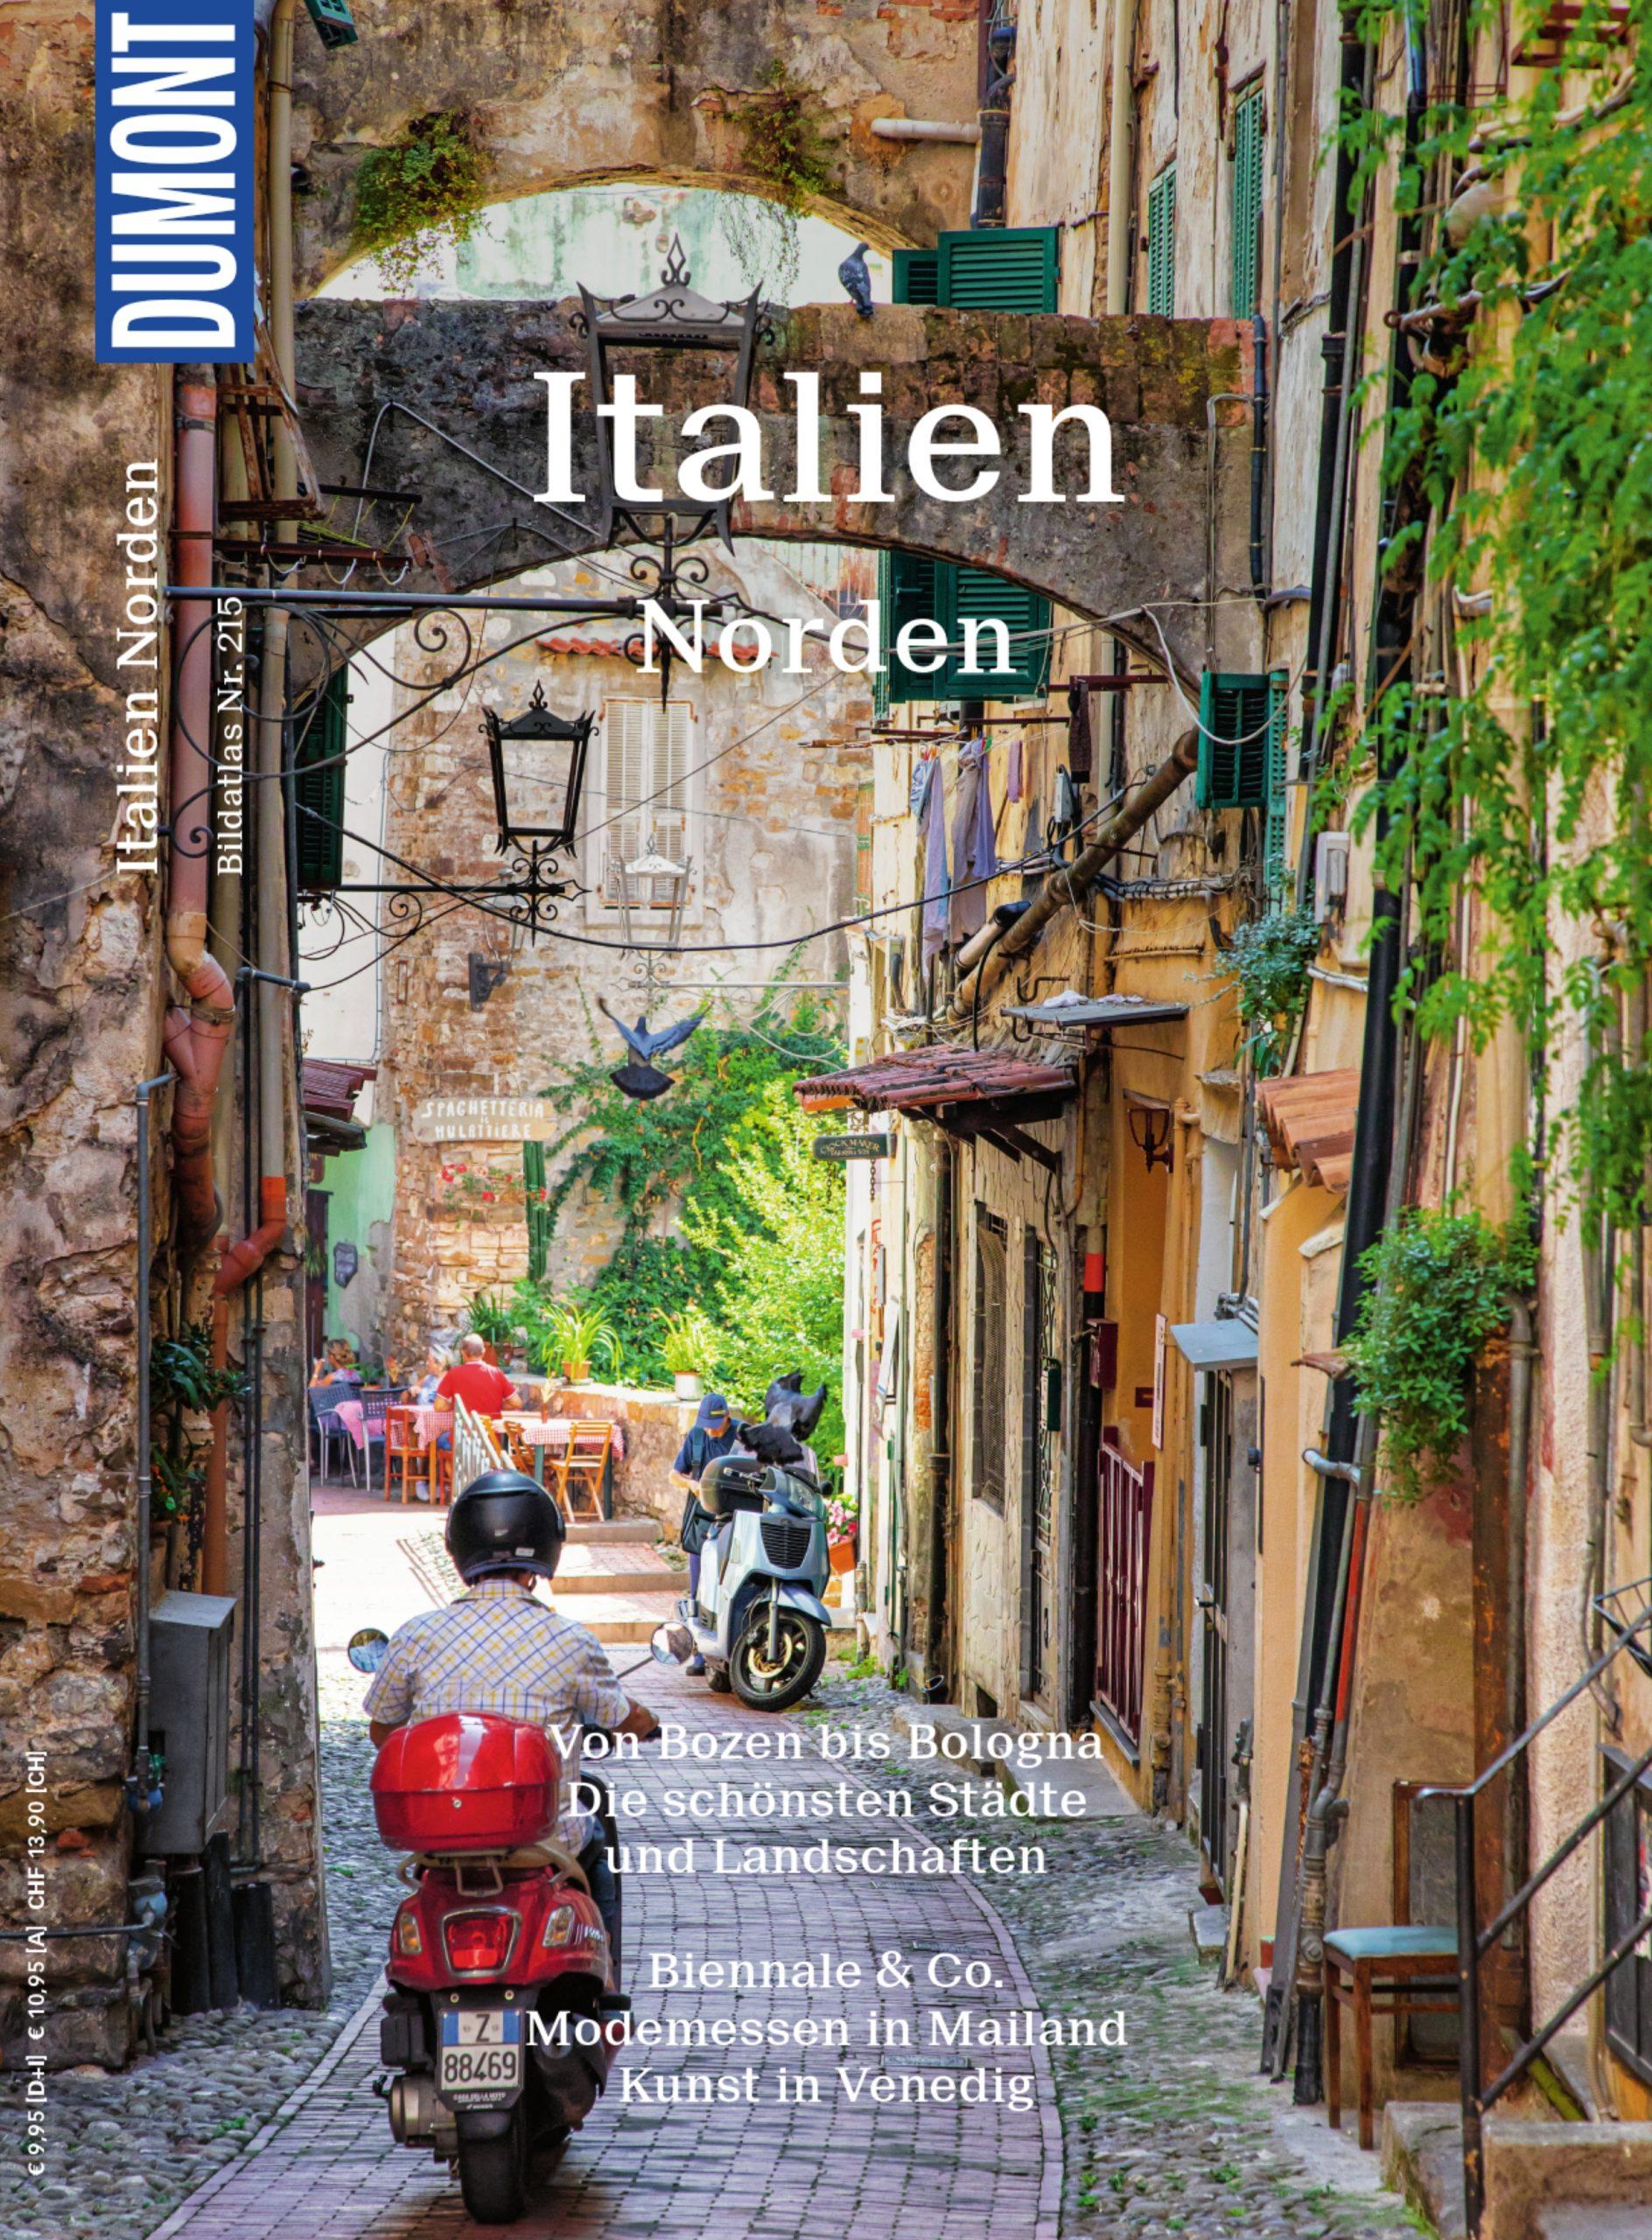 DuMont Bildatlas - Italien Norden (Cover)